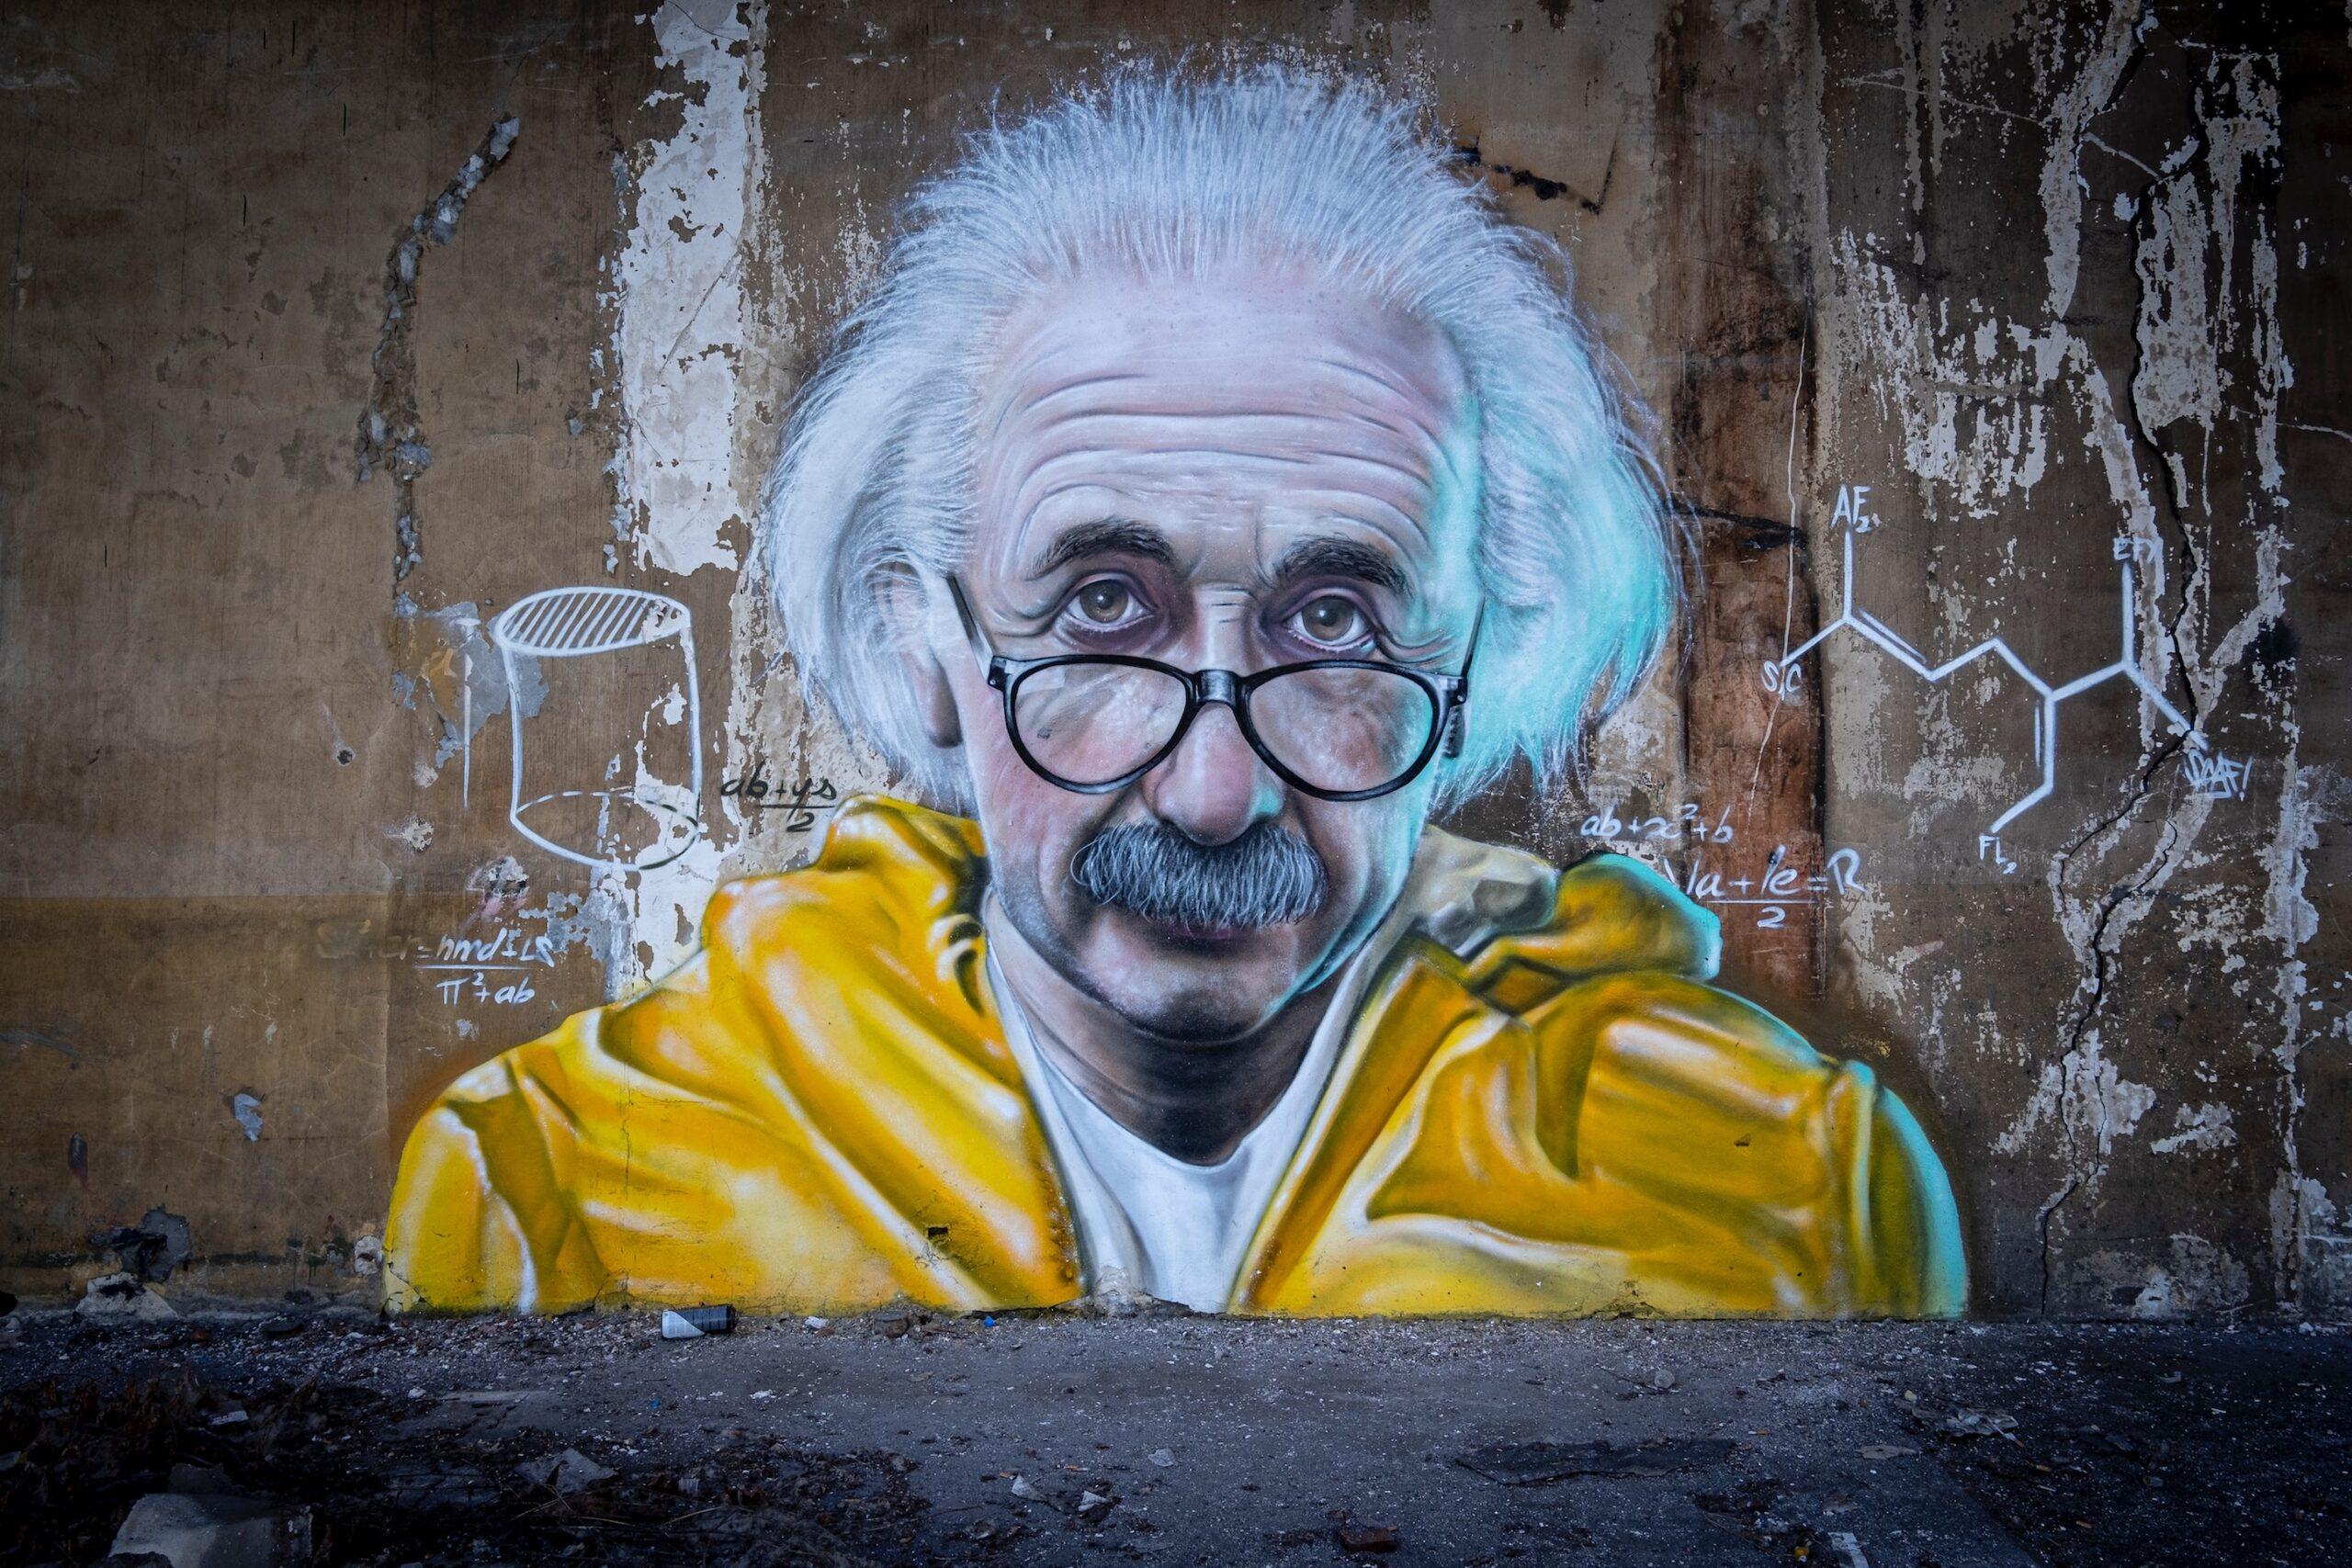 Albert Einstein graffiti